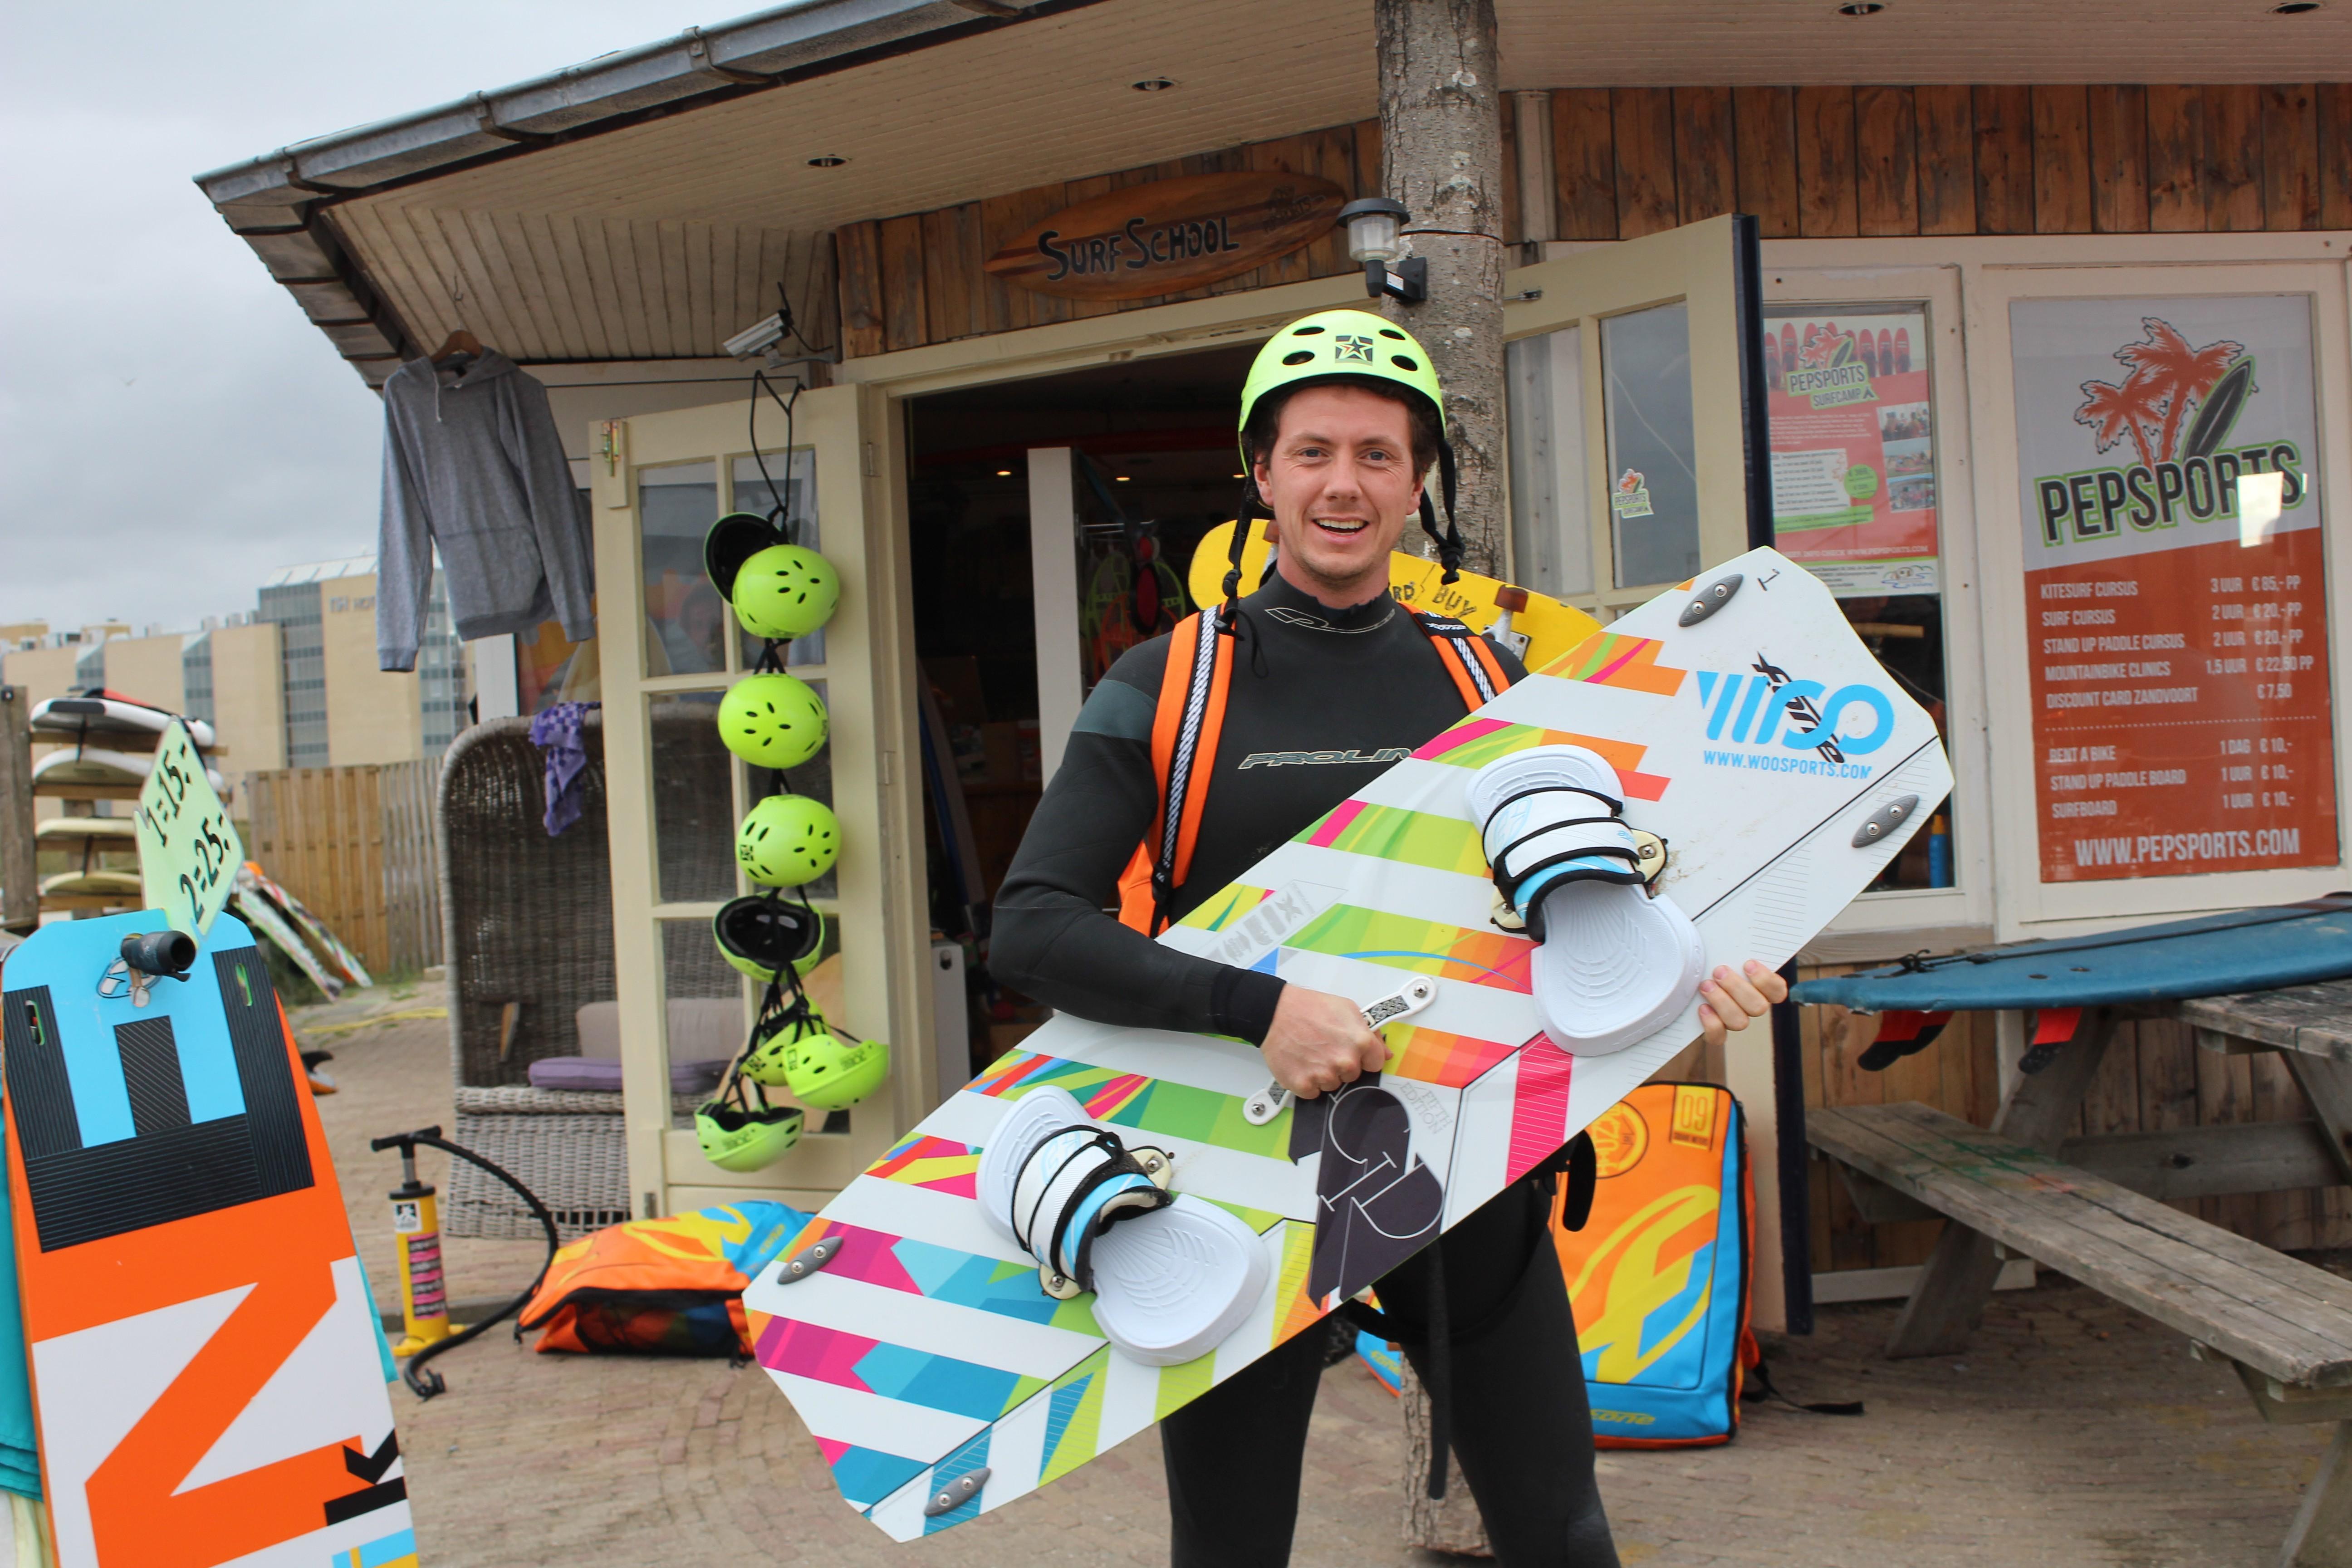 leren kitesurfen kitesurfschool